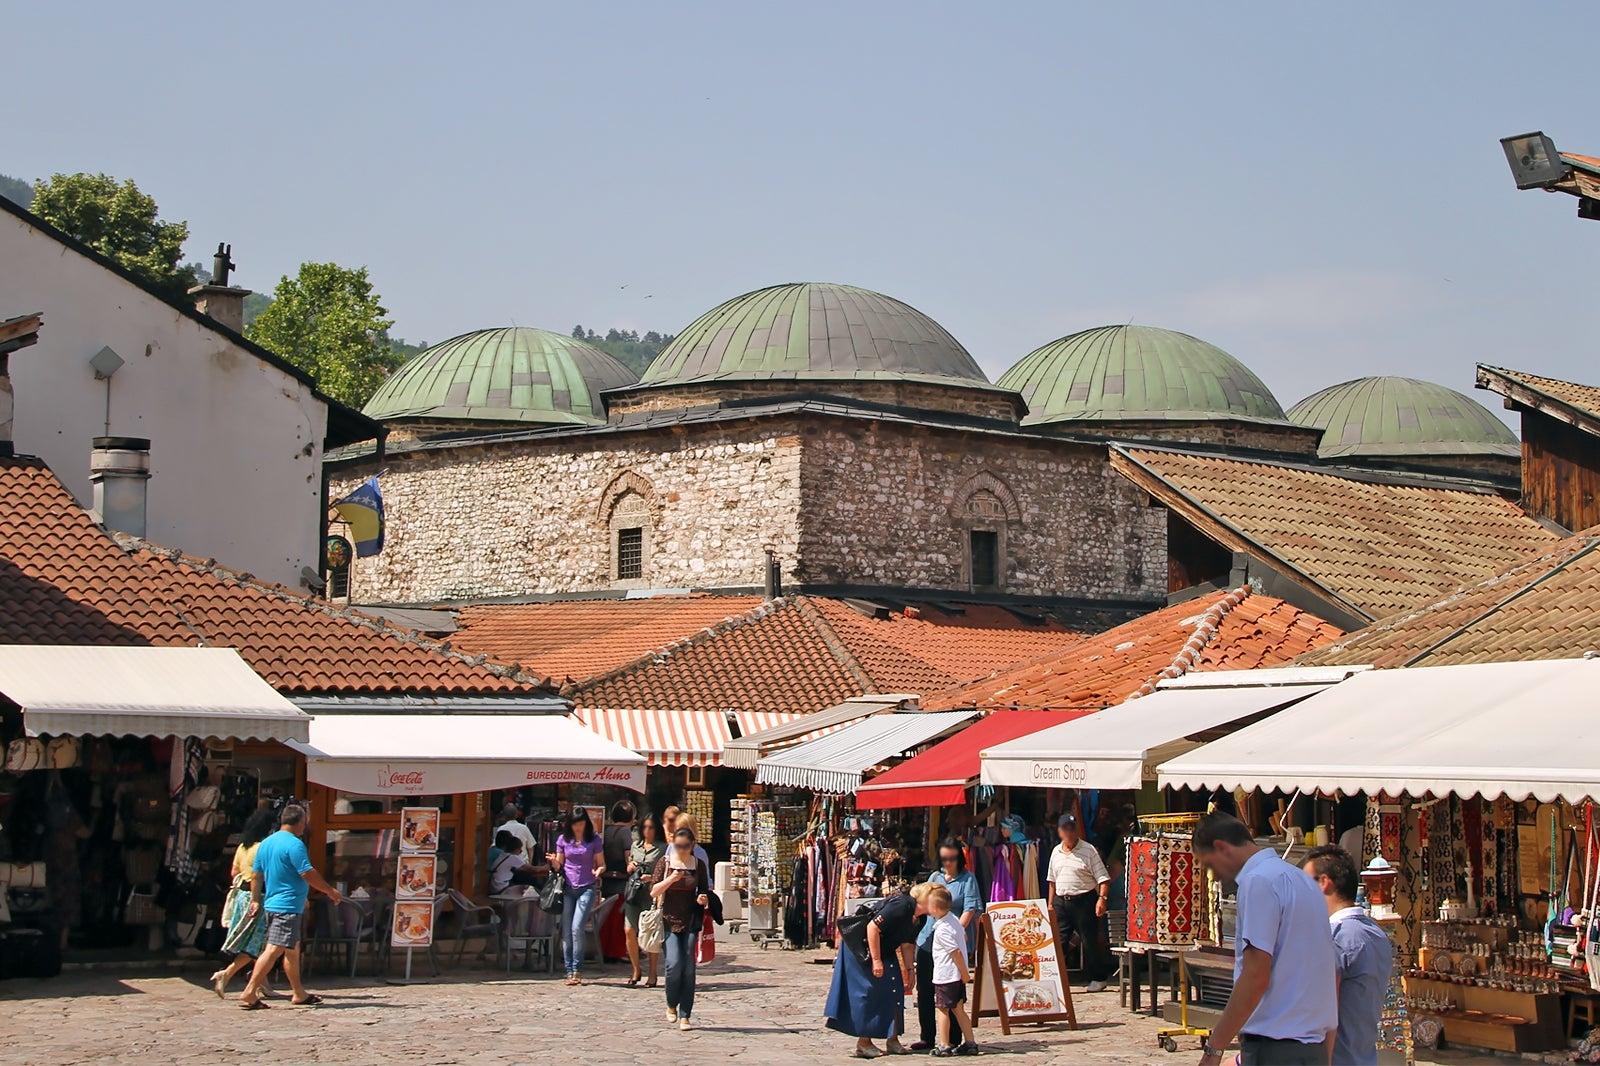 البوسنة والهرسك سراييفو اهم الاماكن السياحية متحف سوق بروسا بيزيستان